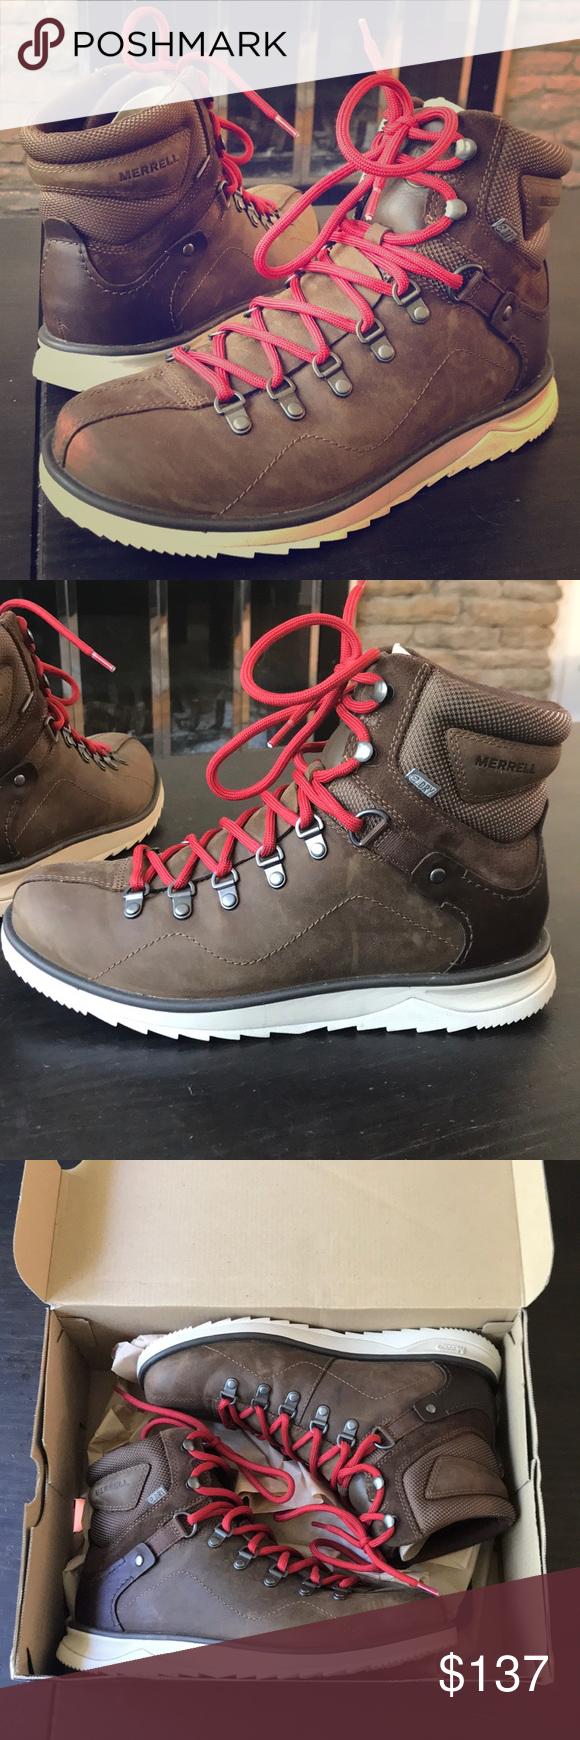 Merrell Polar Waterproof Hiker Boots